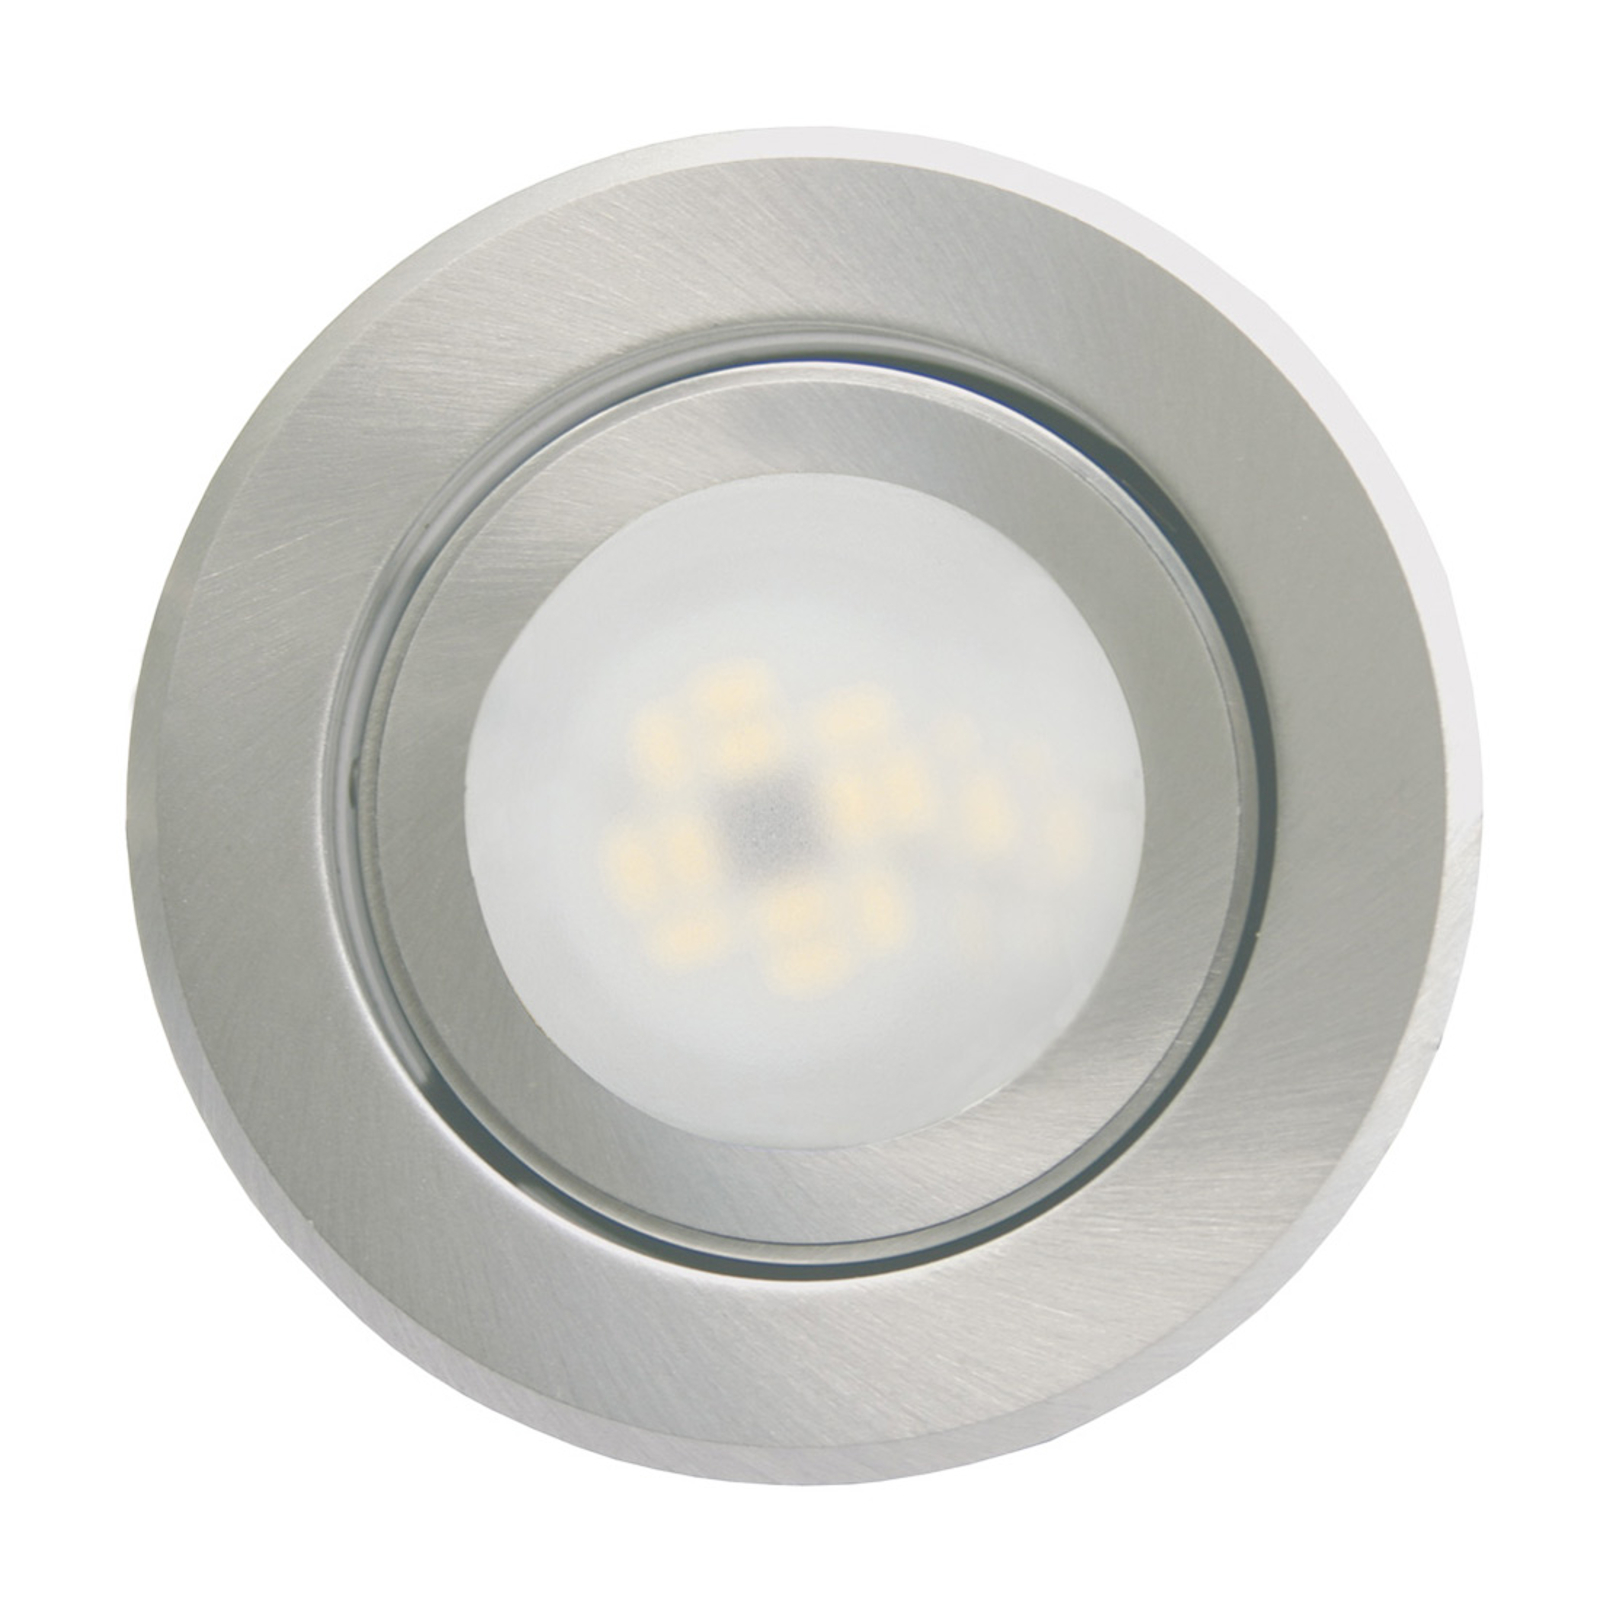 Zapustené svetlo Joanie s LED, brúsený hliník